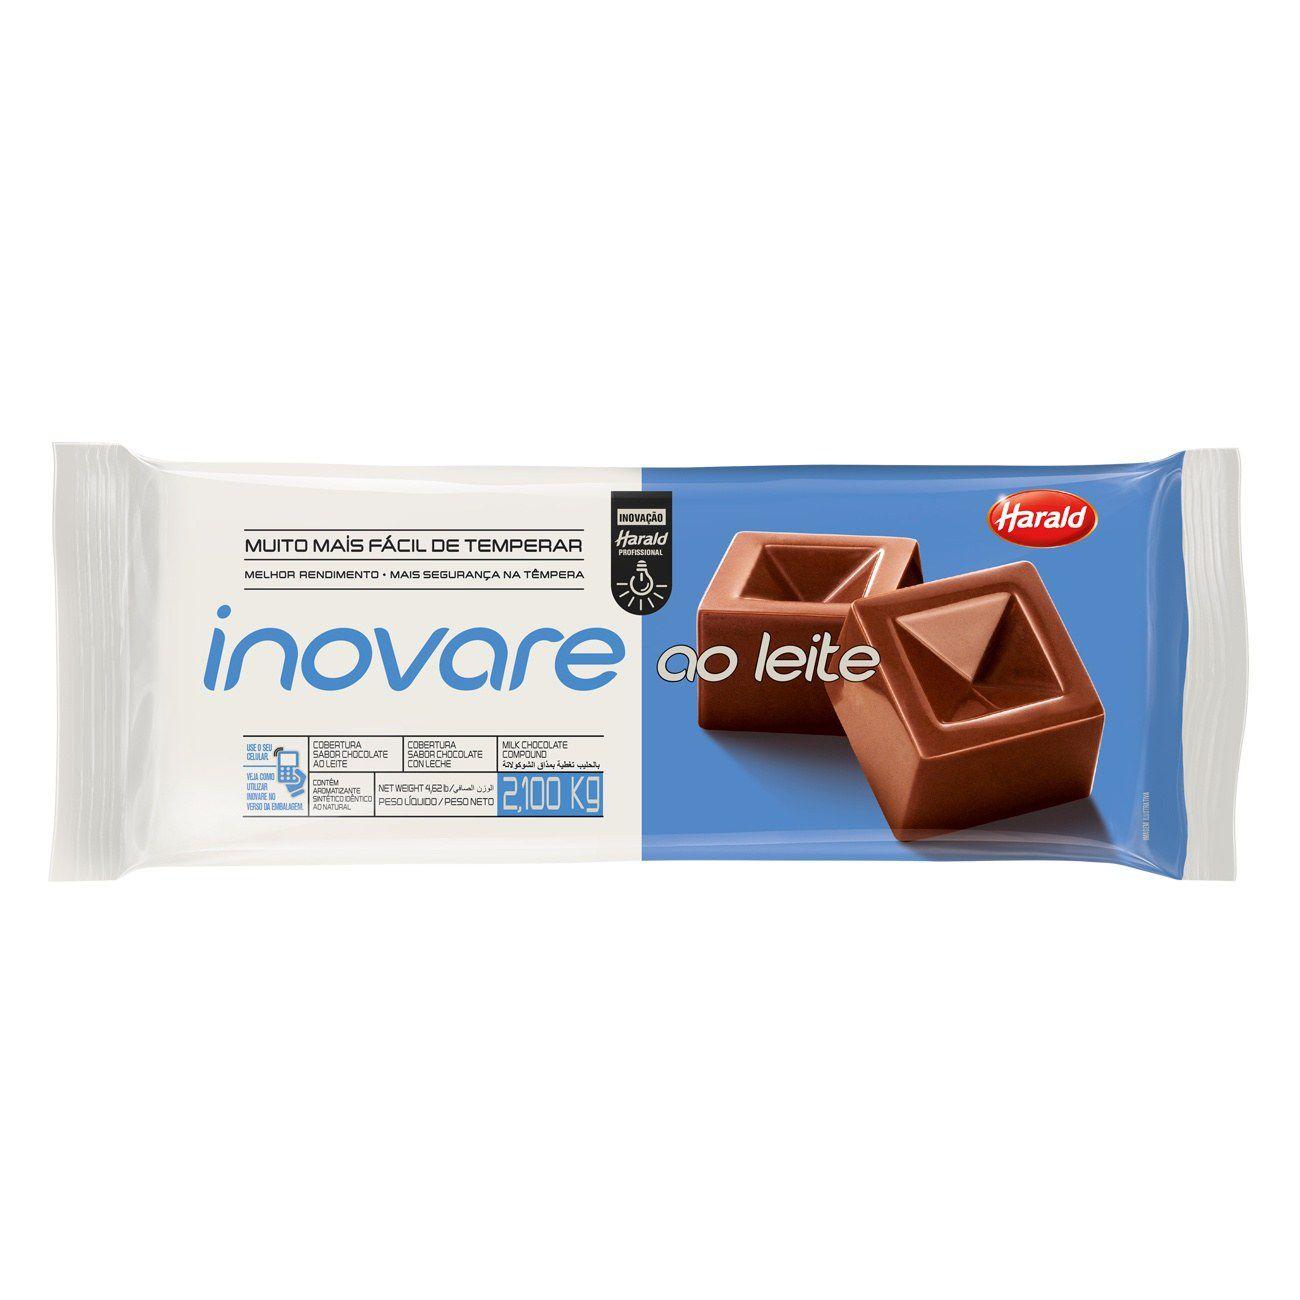 Cobertura sabor Chocolate ao Leite Barra 2,1 kg Inovare  Harald